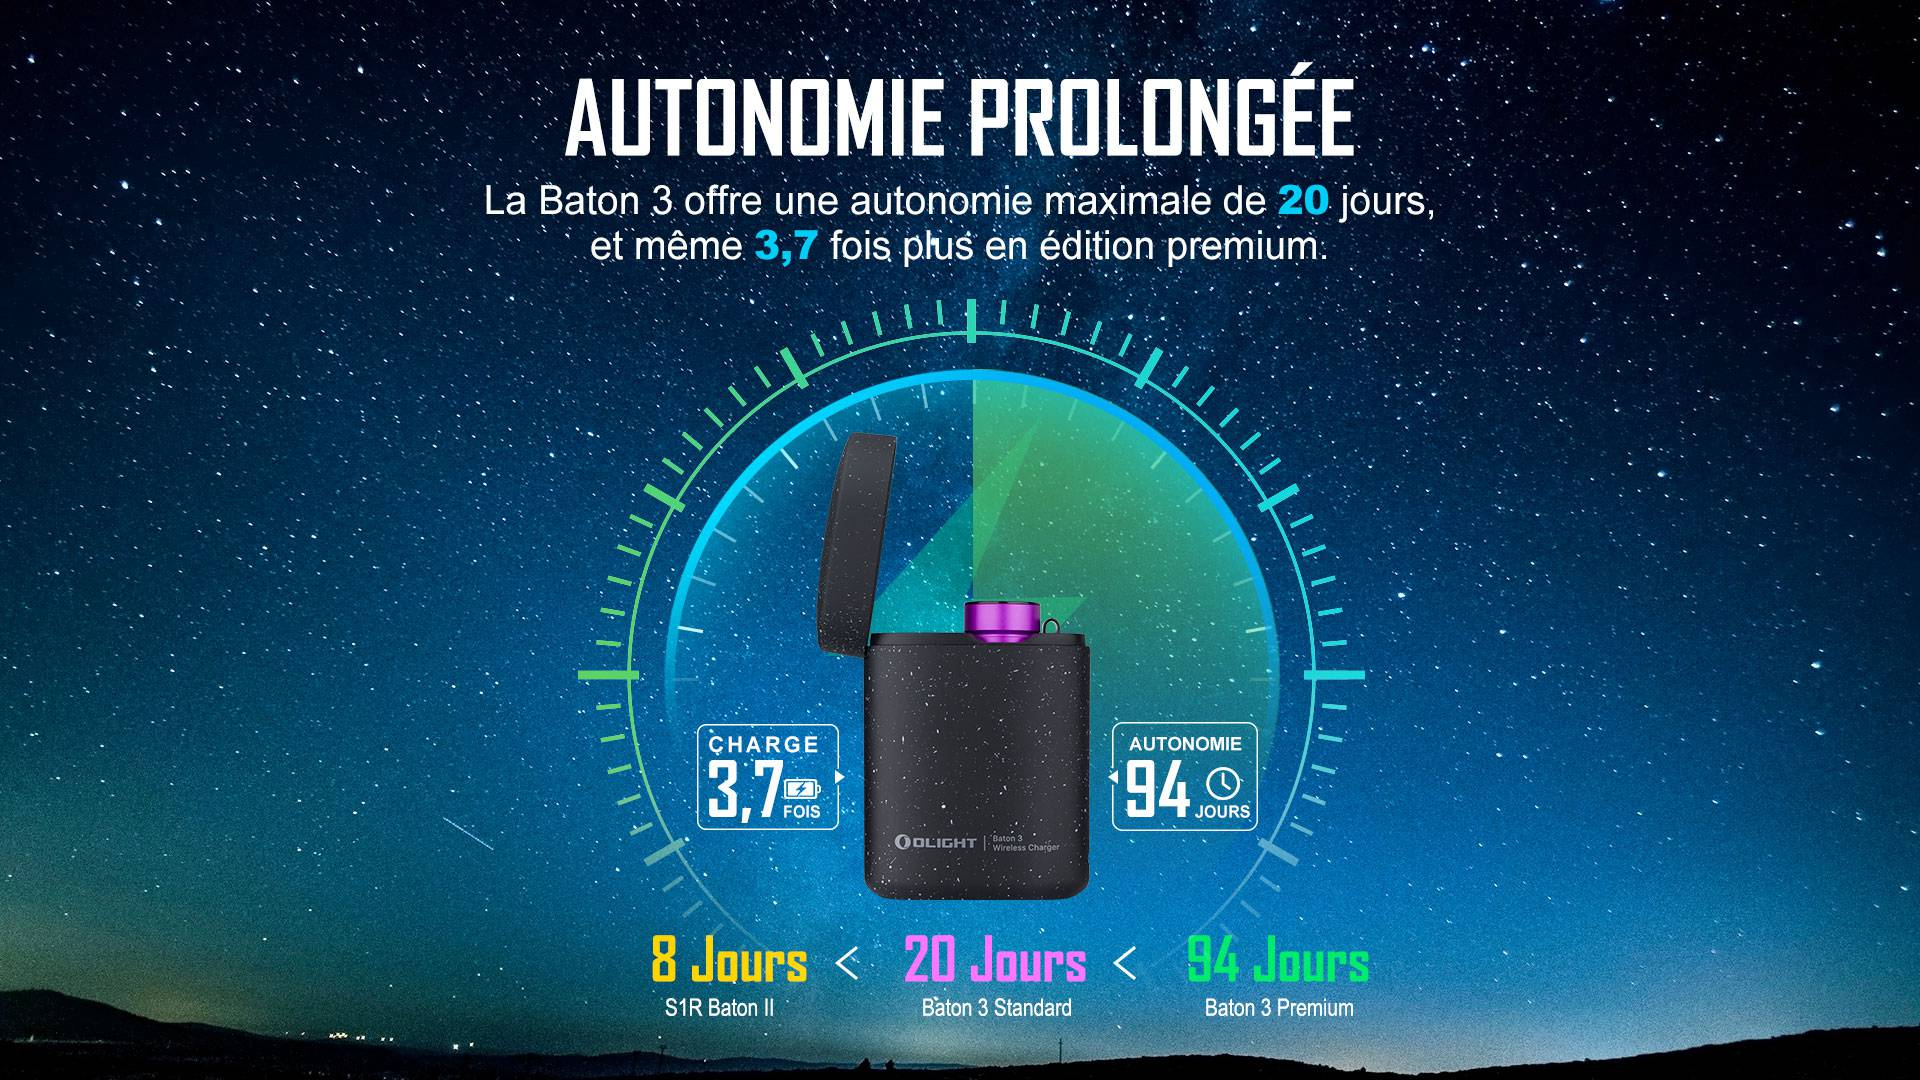 Baton 3 Premium Dégradé Violet peut être utilisé jusqu'à 94 jours